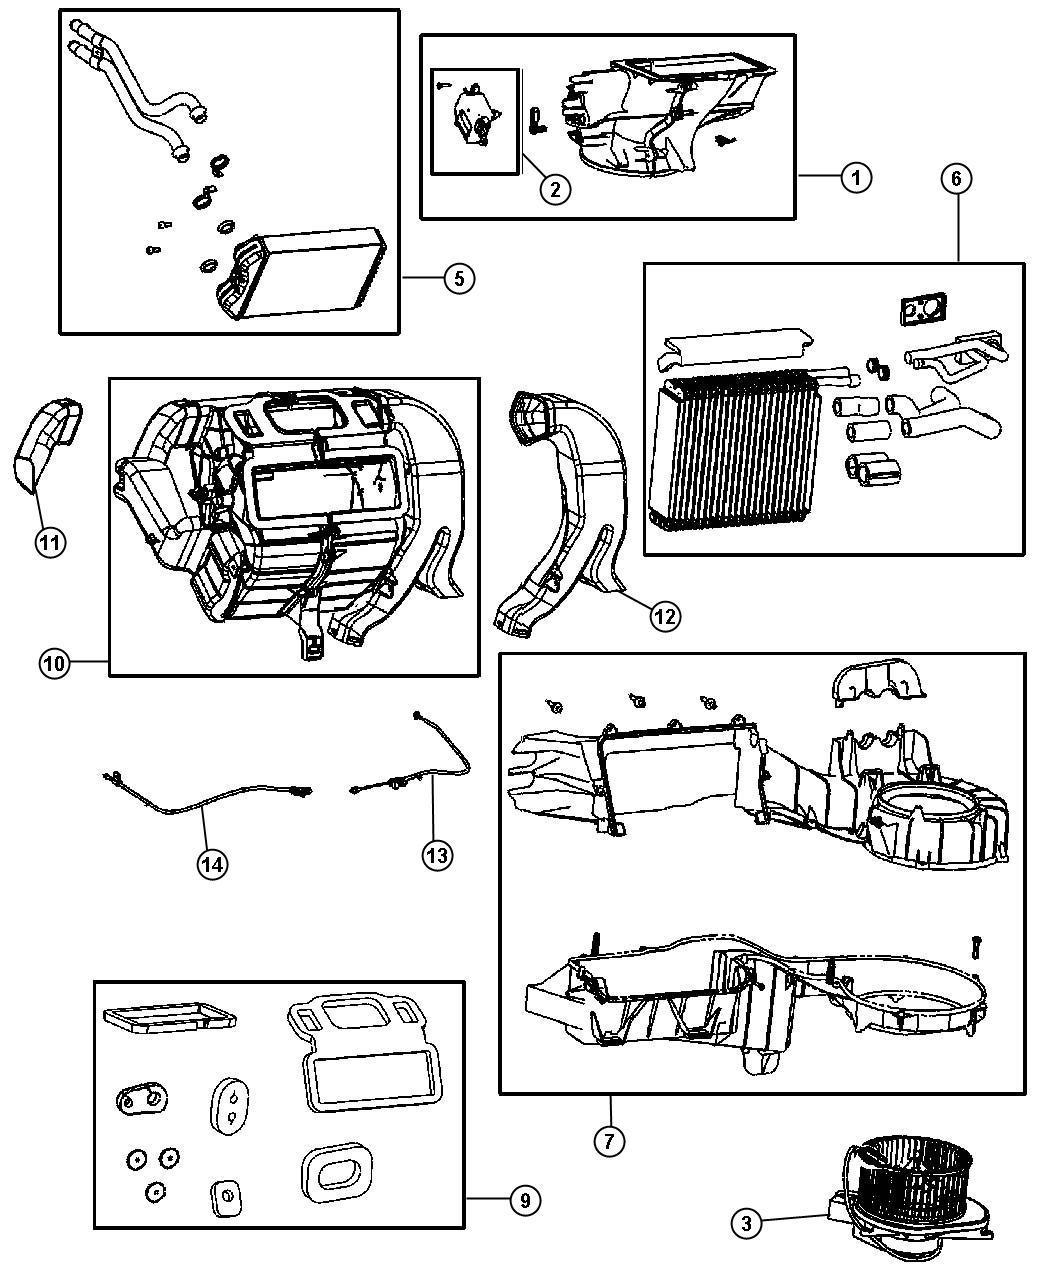 2006 Chrysler Pt Cruiser Tube  Drain  Heater  Engine  Plumbing